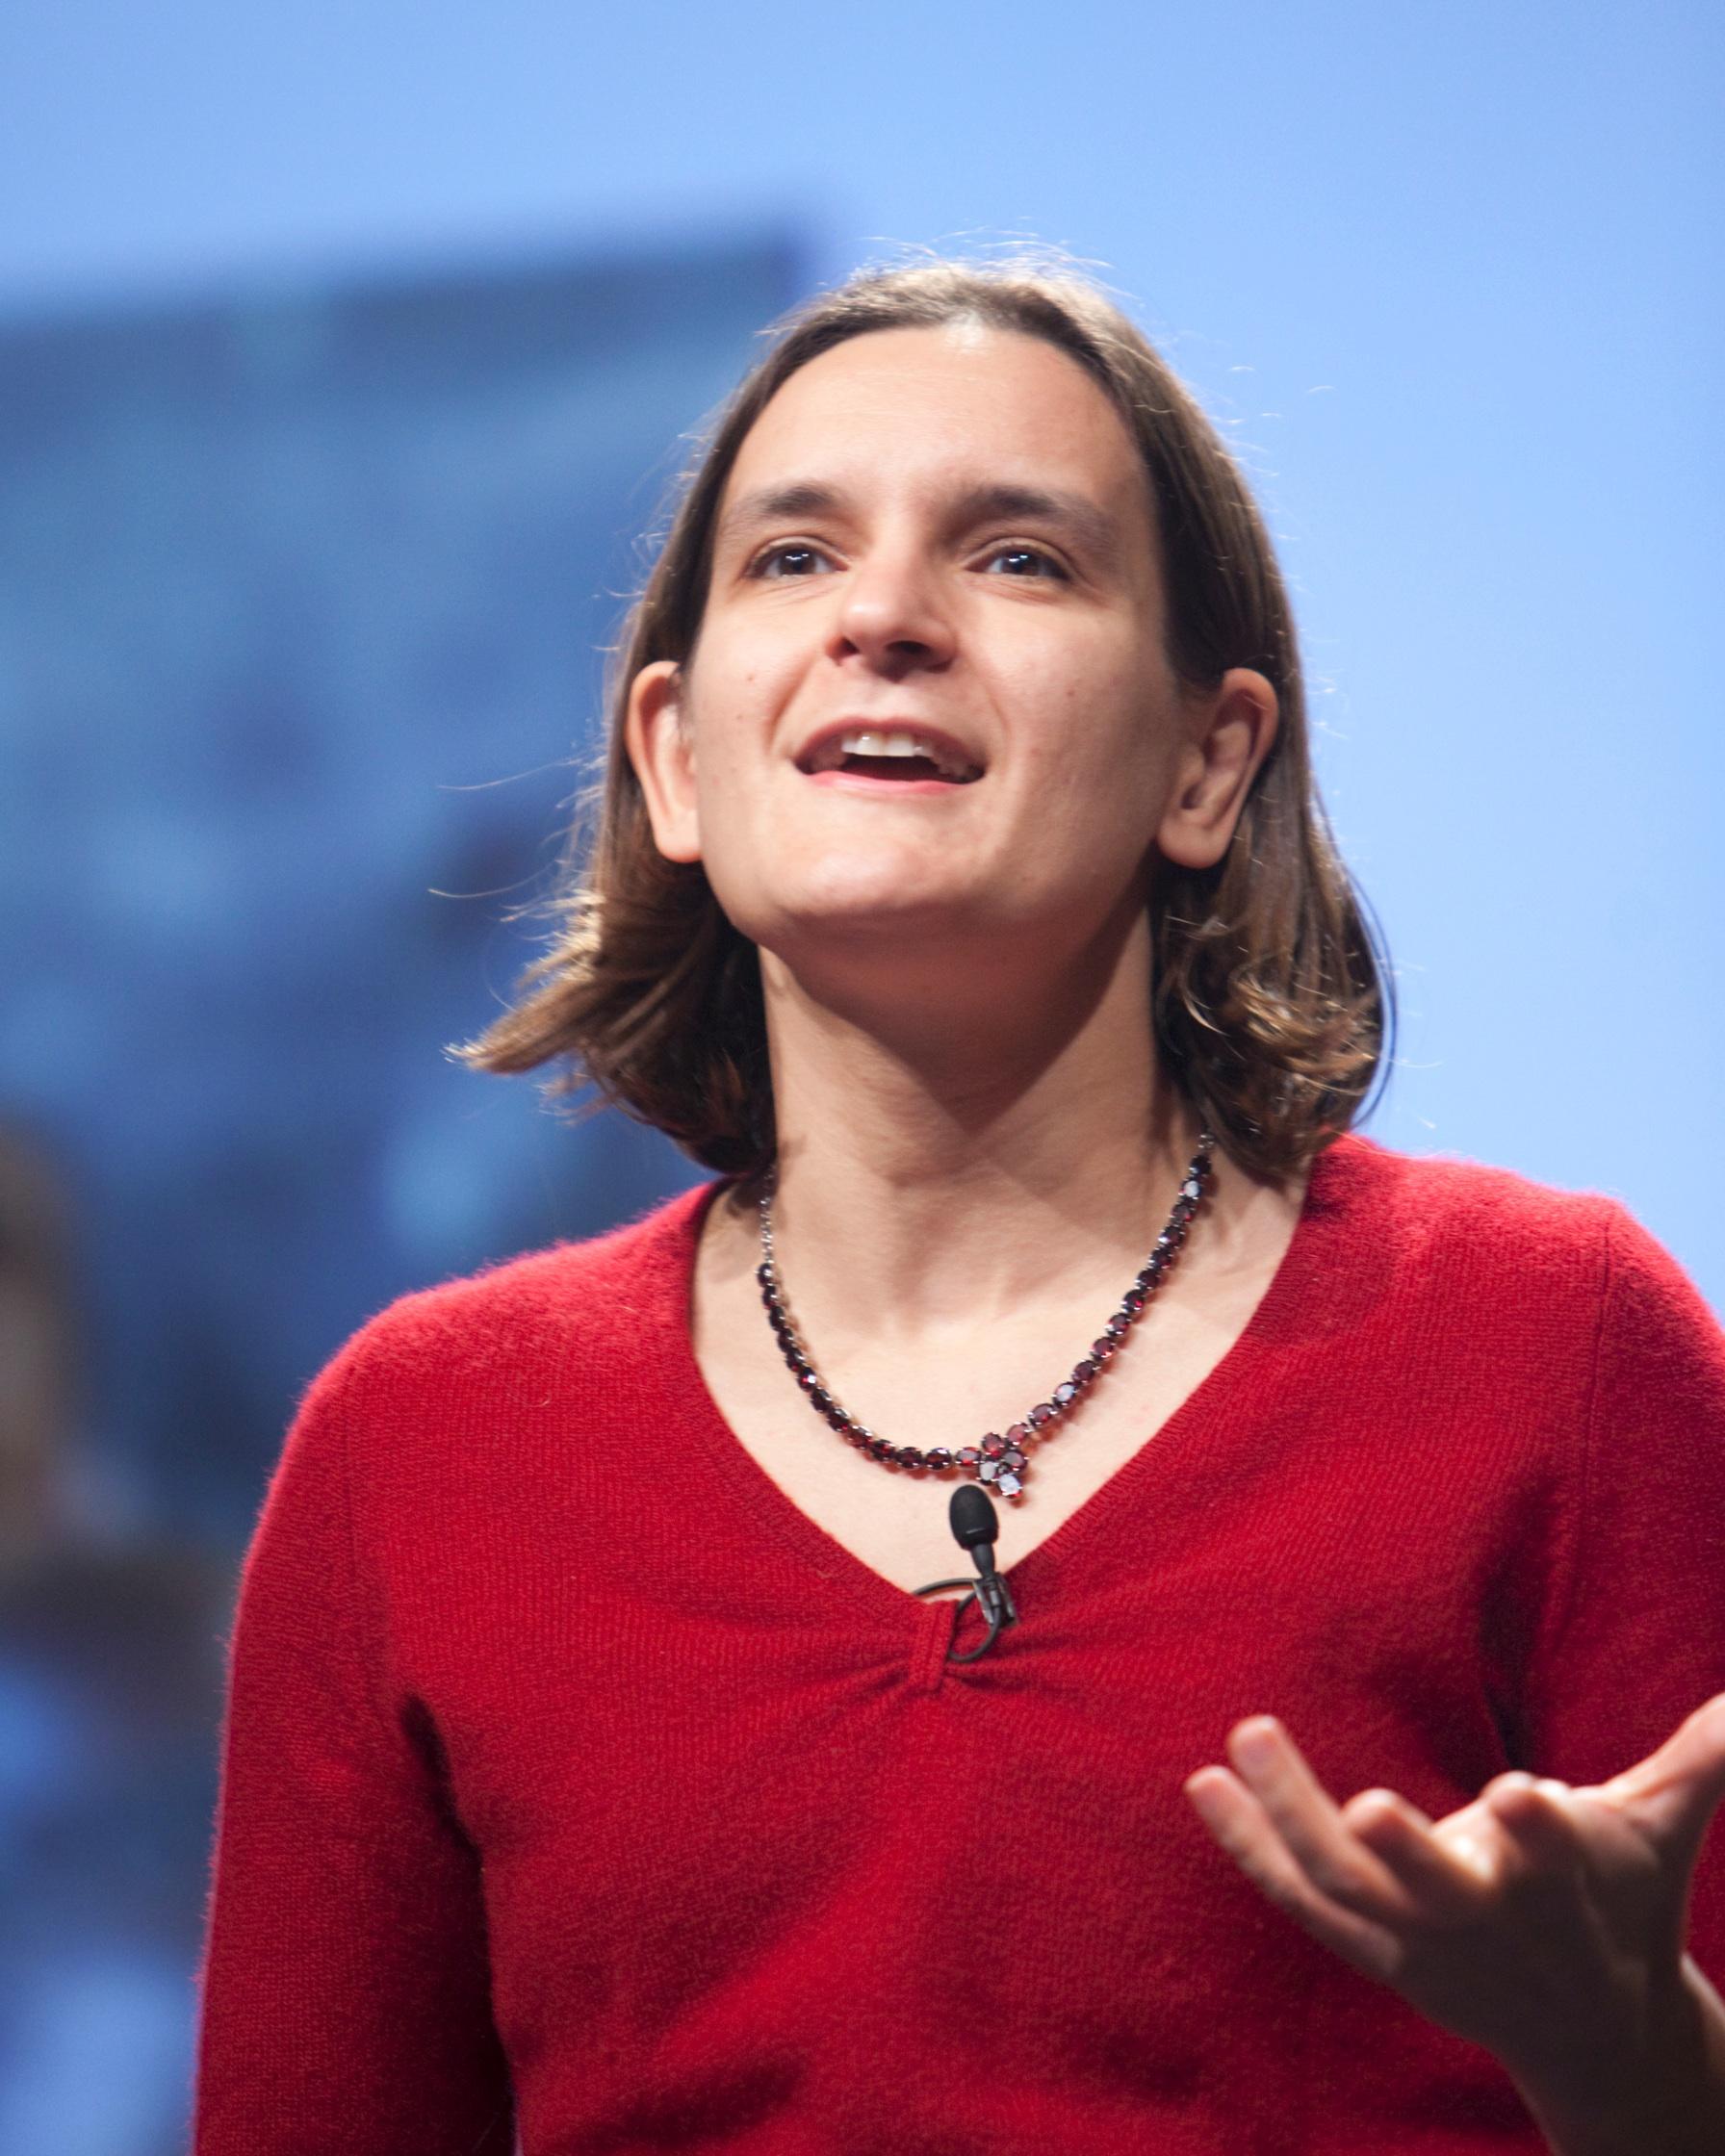 De par son soutien à l'association Un Bout du Monde, Esther Duflo, économiste franco-américaine souhaite jouer un rôle même petit dans le maintien des médias comme institution de société civile.